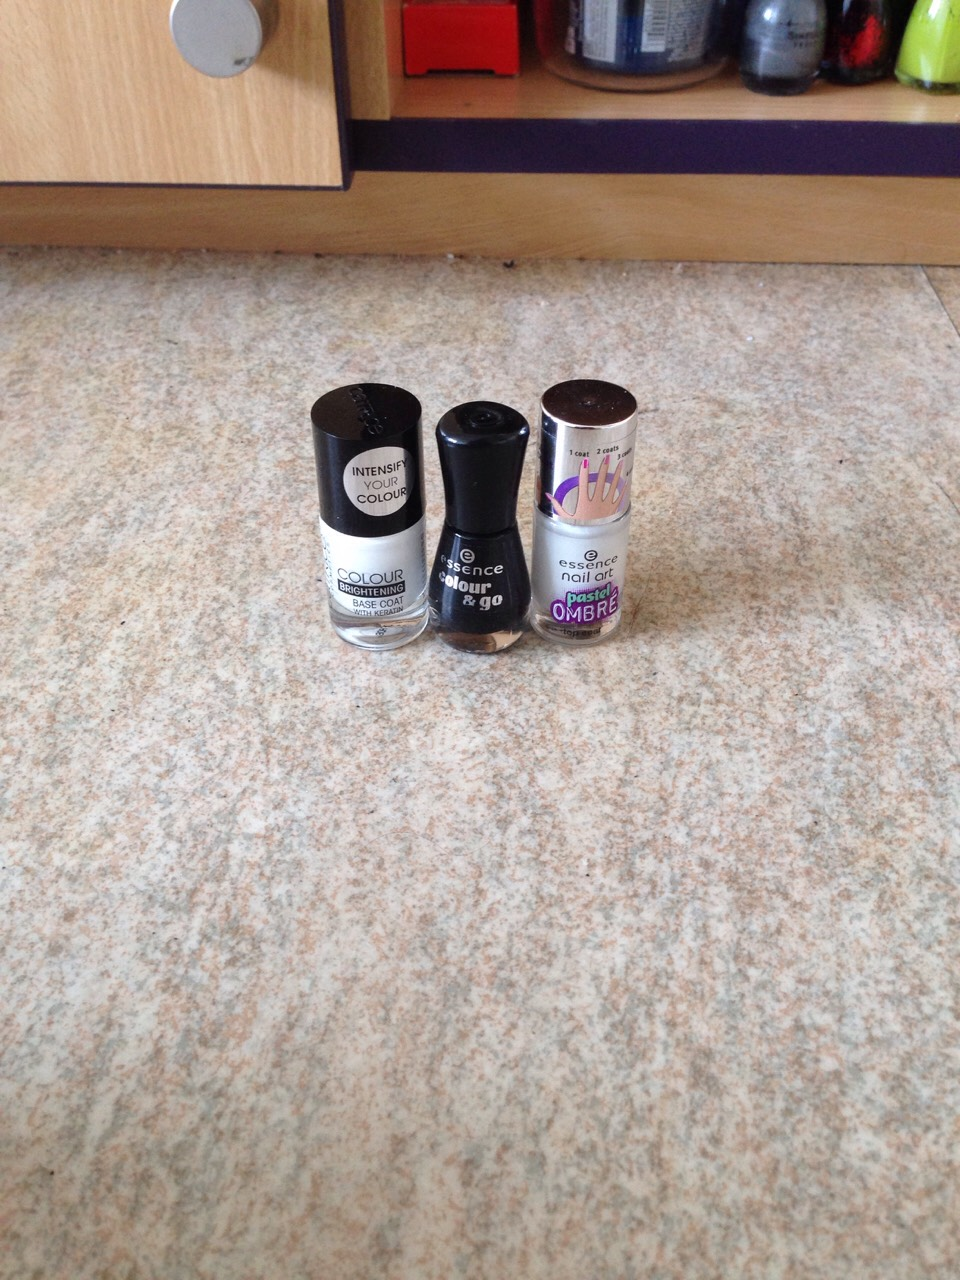 White base coat Black nail polish  Pastel ombré nail polish